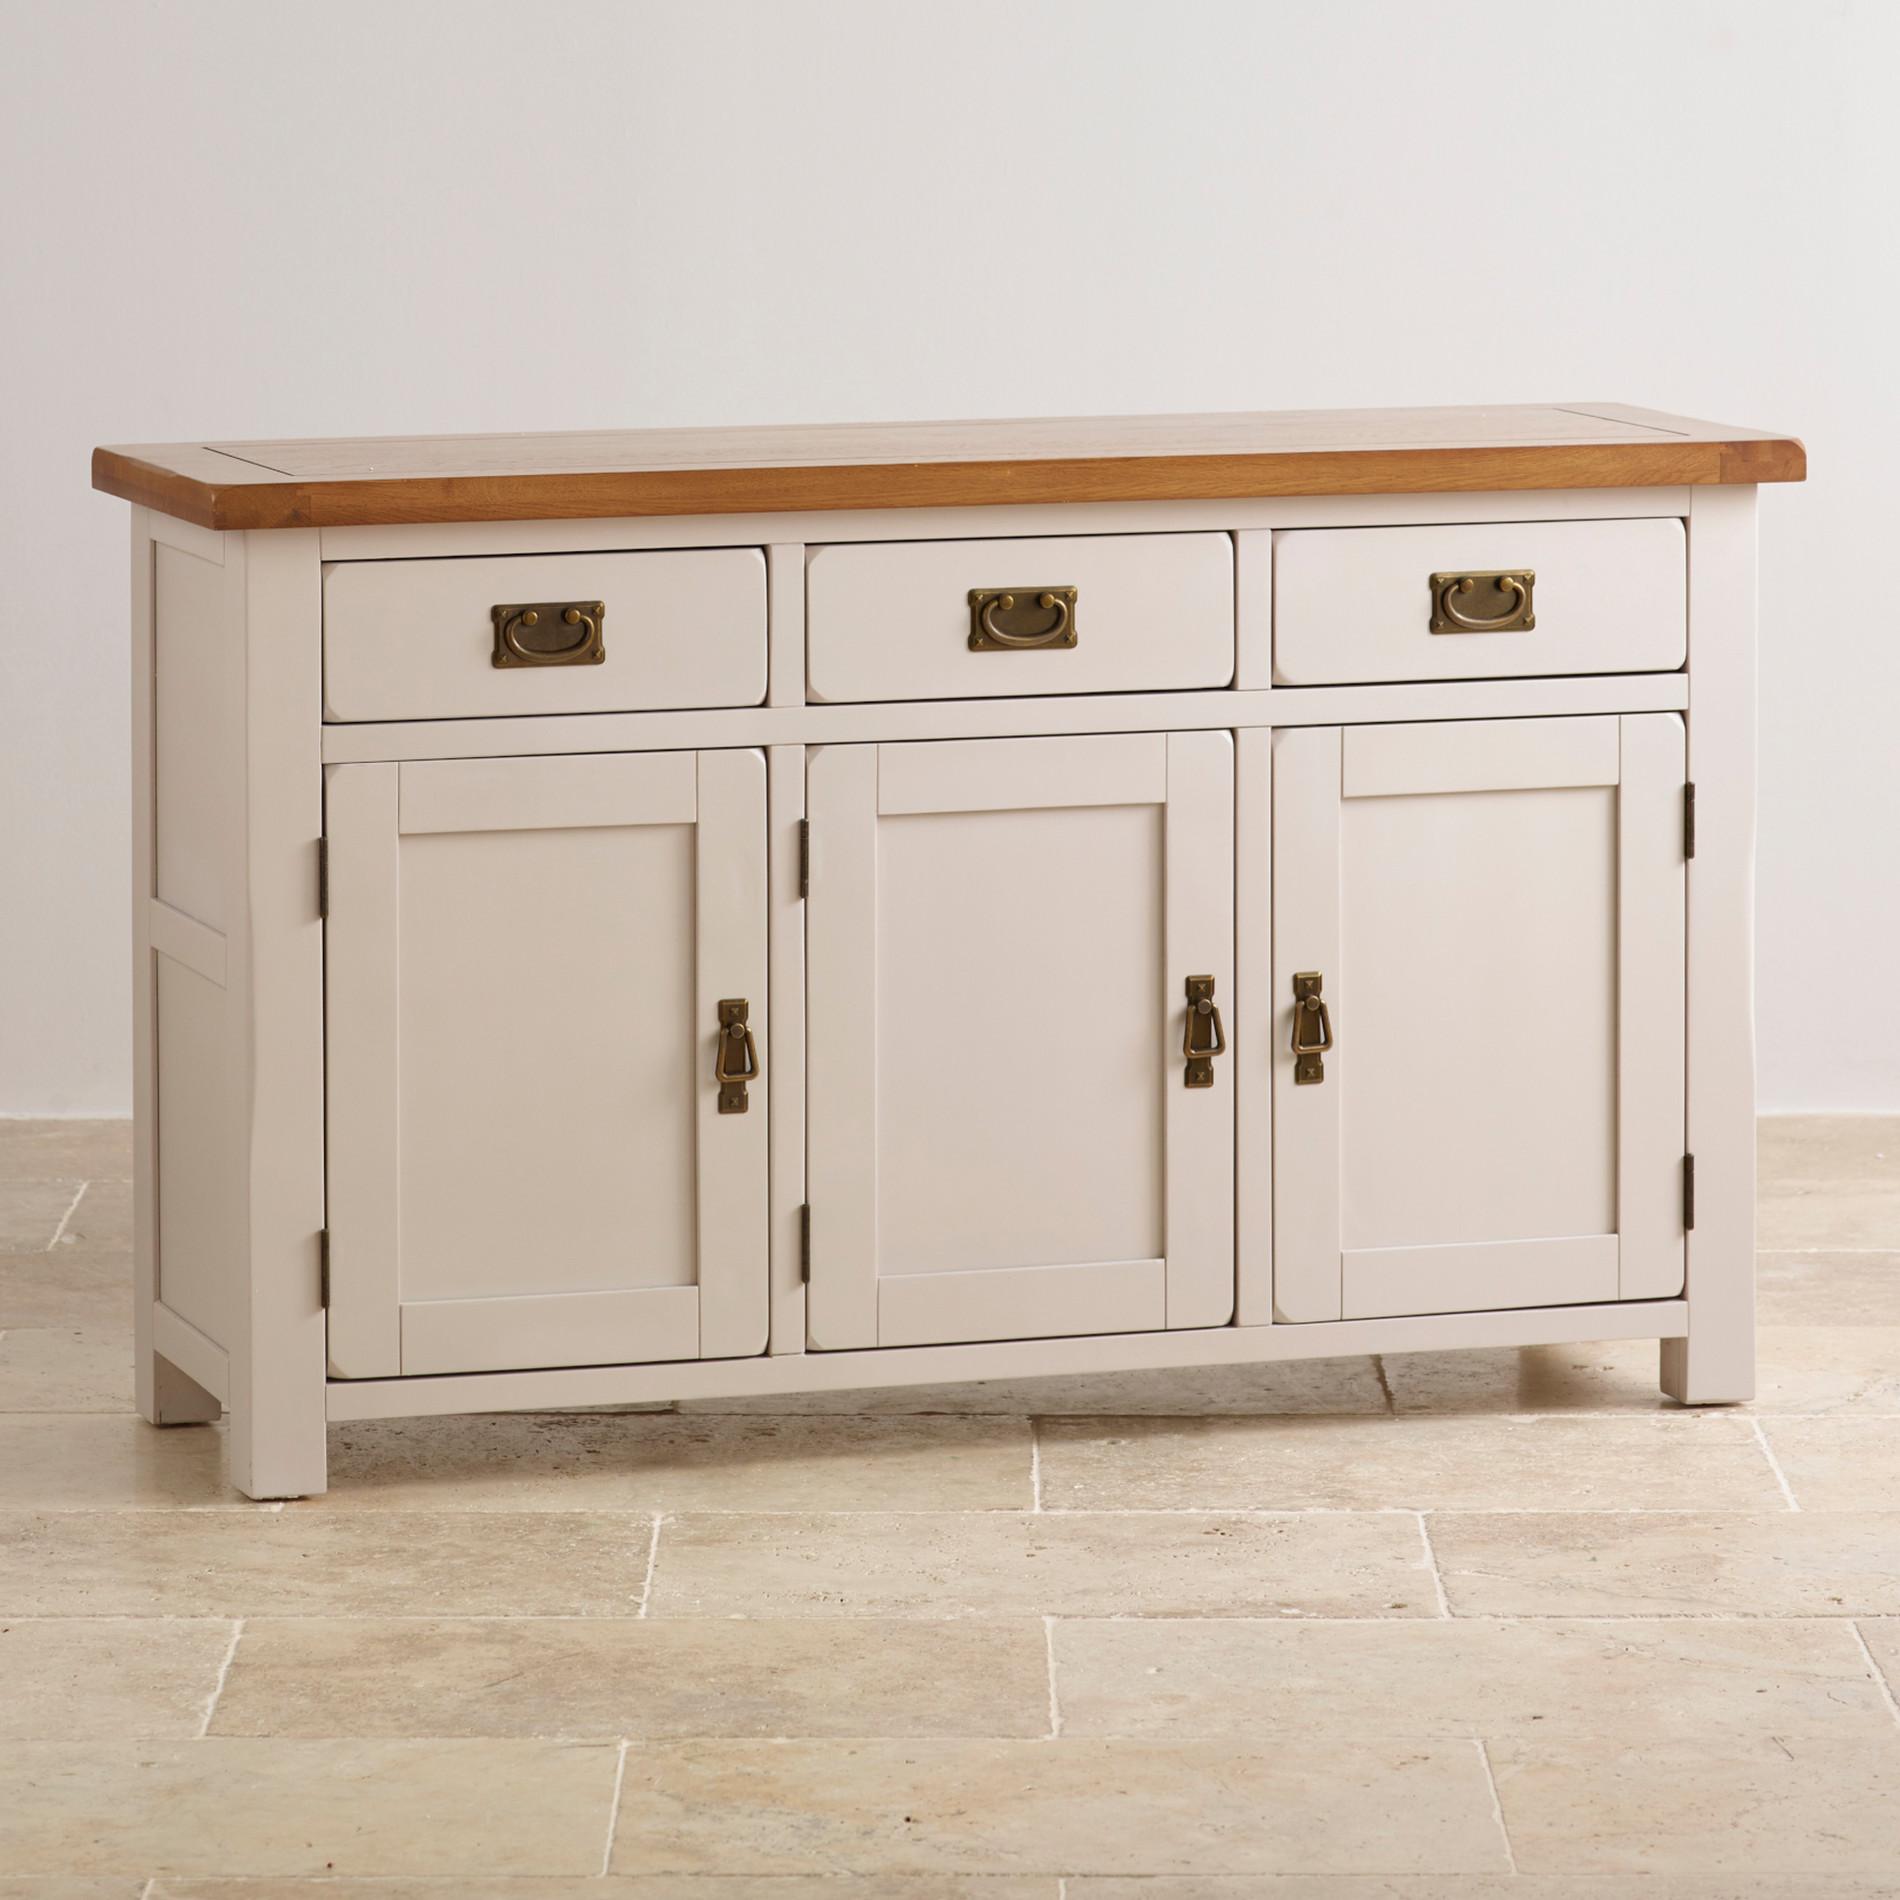 elegant painted hardwood large sideboard. Black Bedroom Furniture Sets. Home Design Ideas